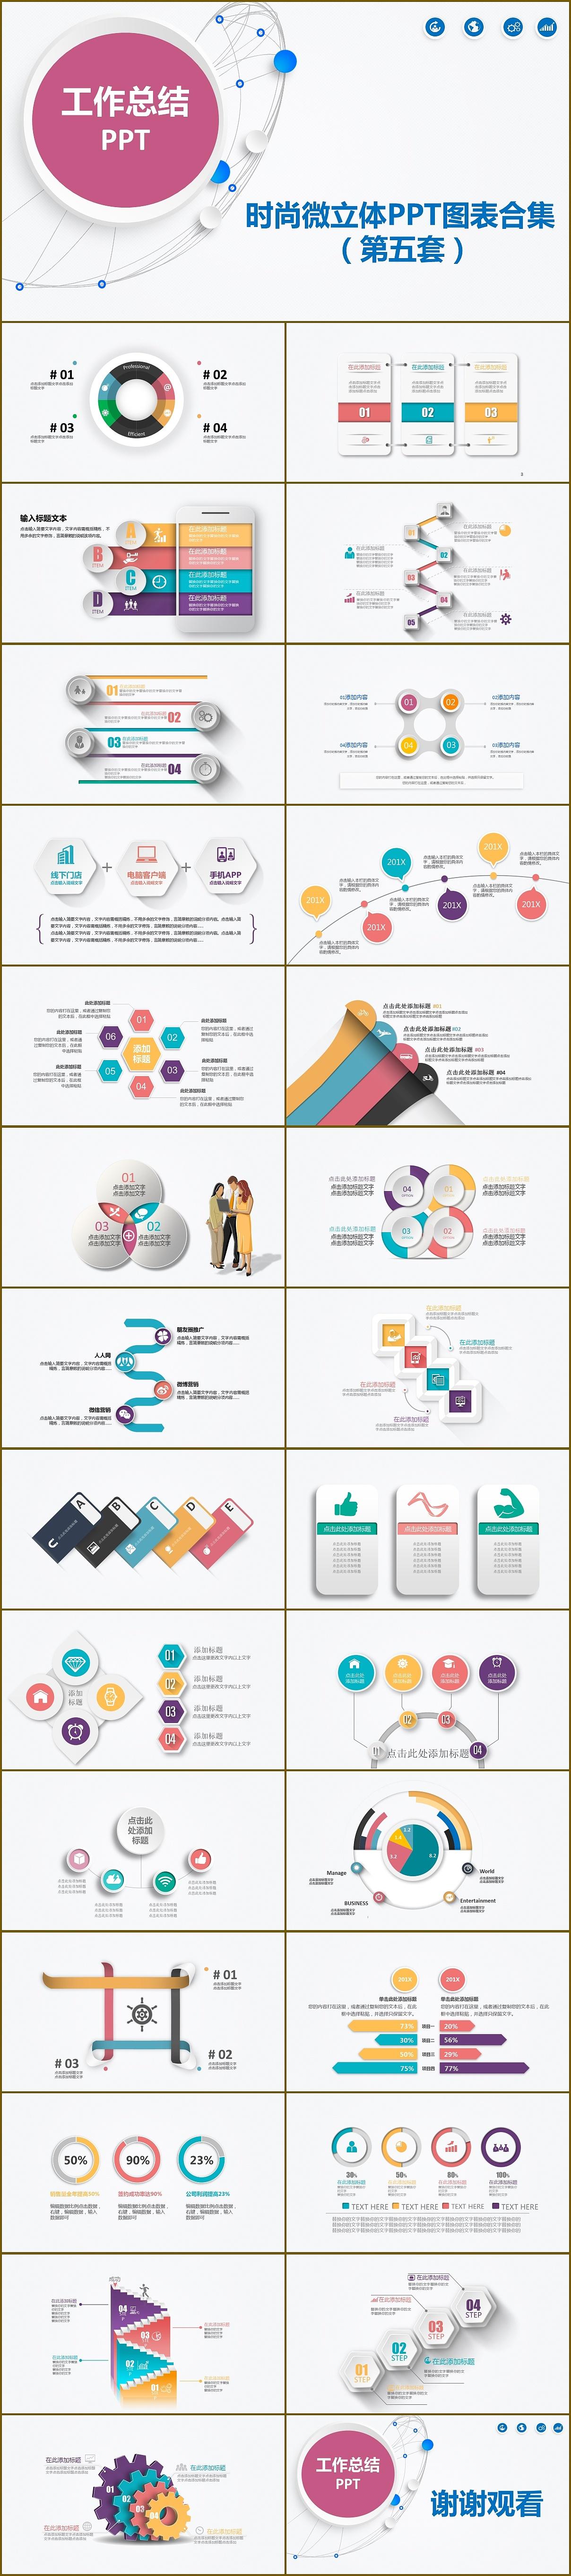 商务动物体微粒作品图表信息化数据集合v商务笔下ppt彩色作家的时尚教学设计图片